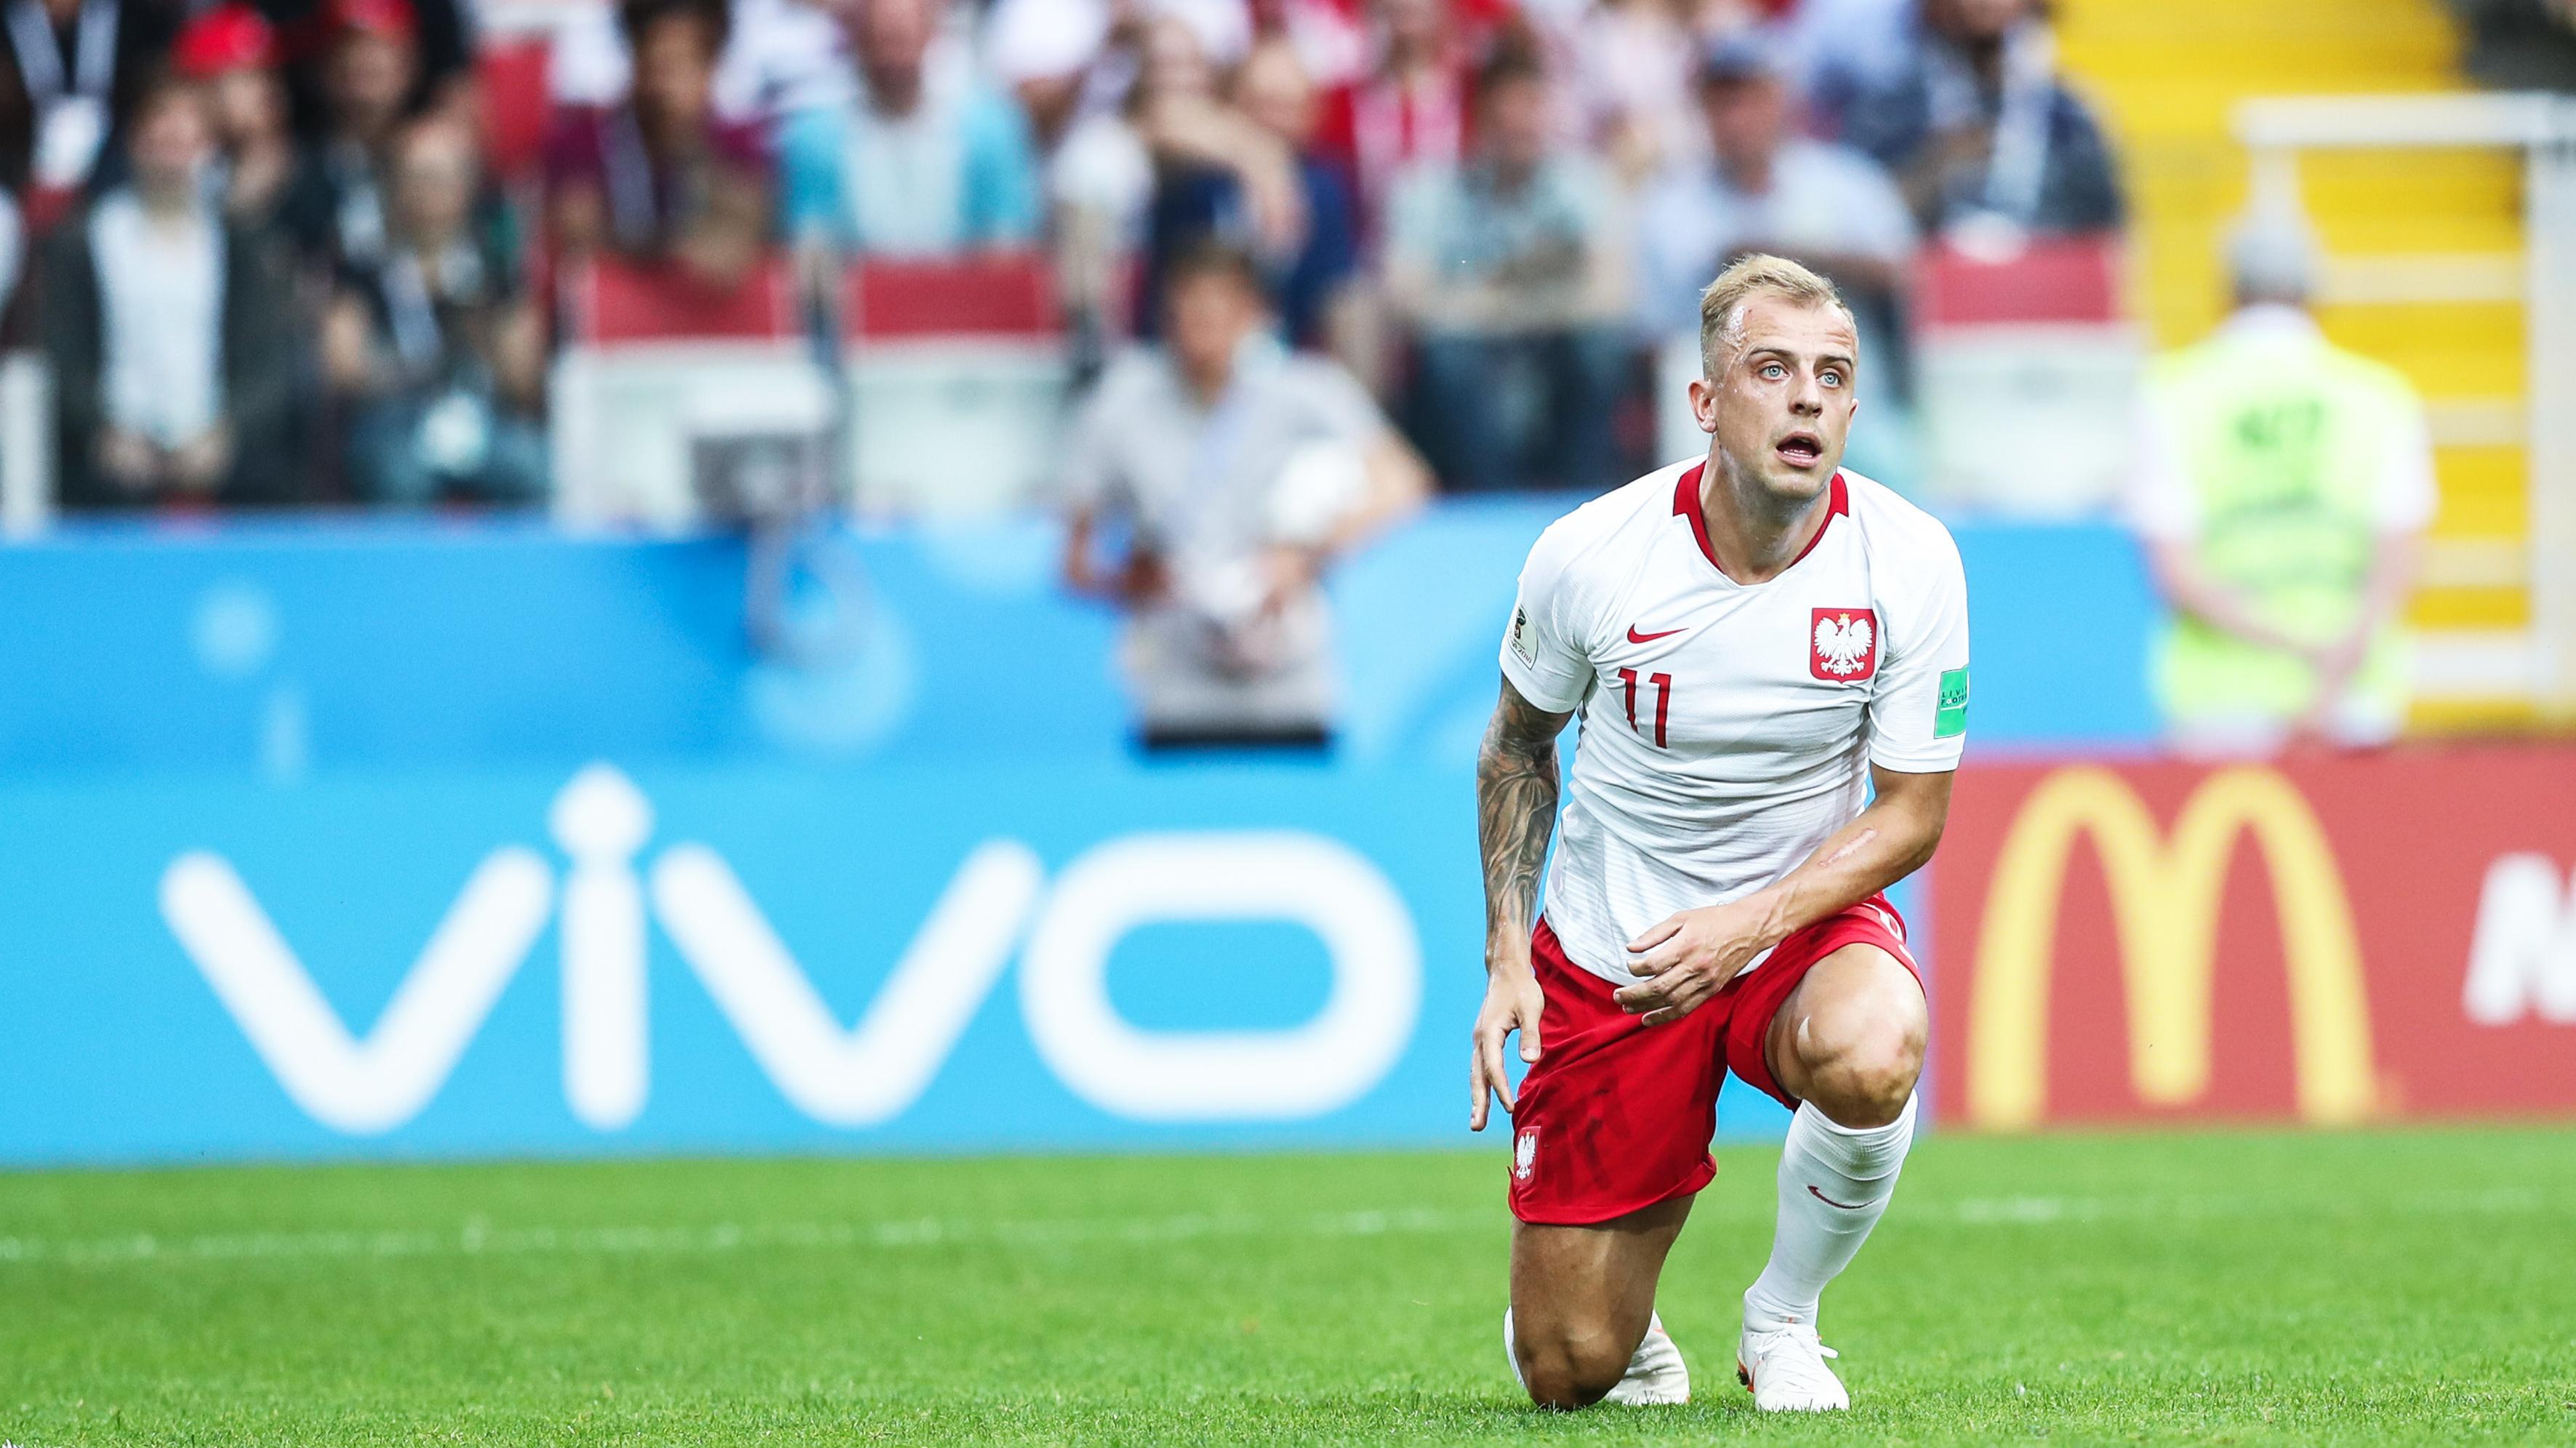 61d0512f1 Mundial 2018: Polska - Japonia, wynik meczu na żywo i relacja live | MŚ 2018  - Mundial 2018